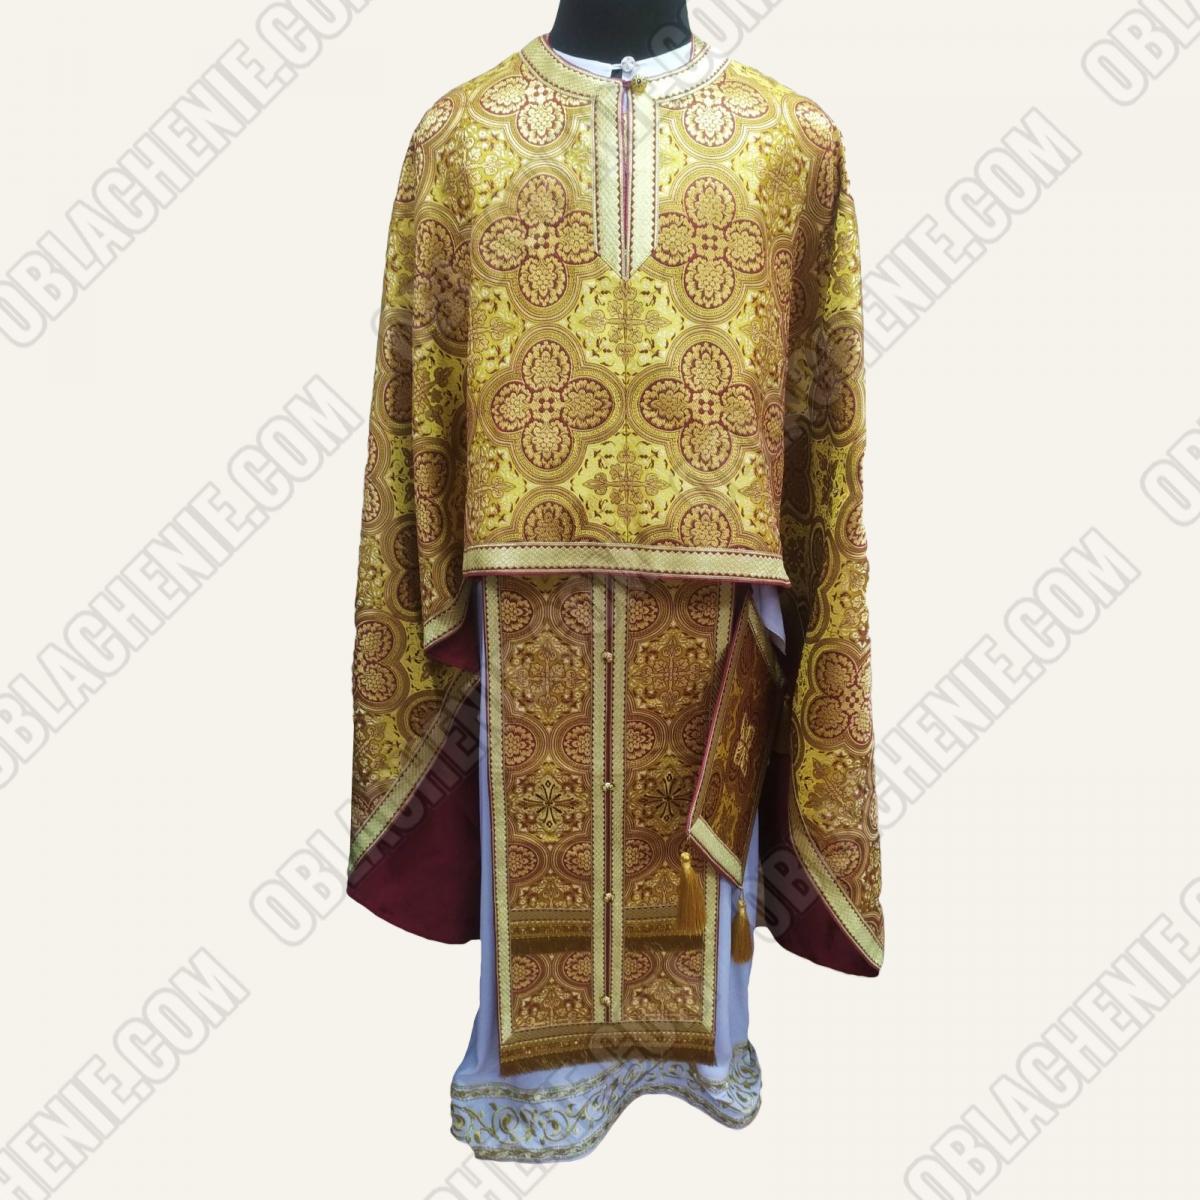 PRIEST'S VESTMENTS 11255